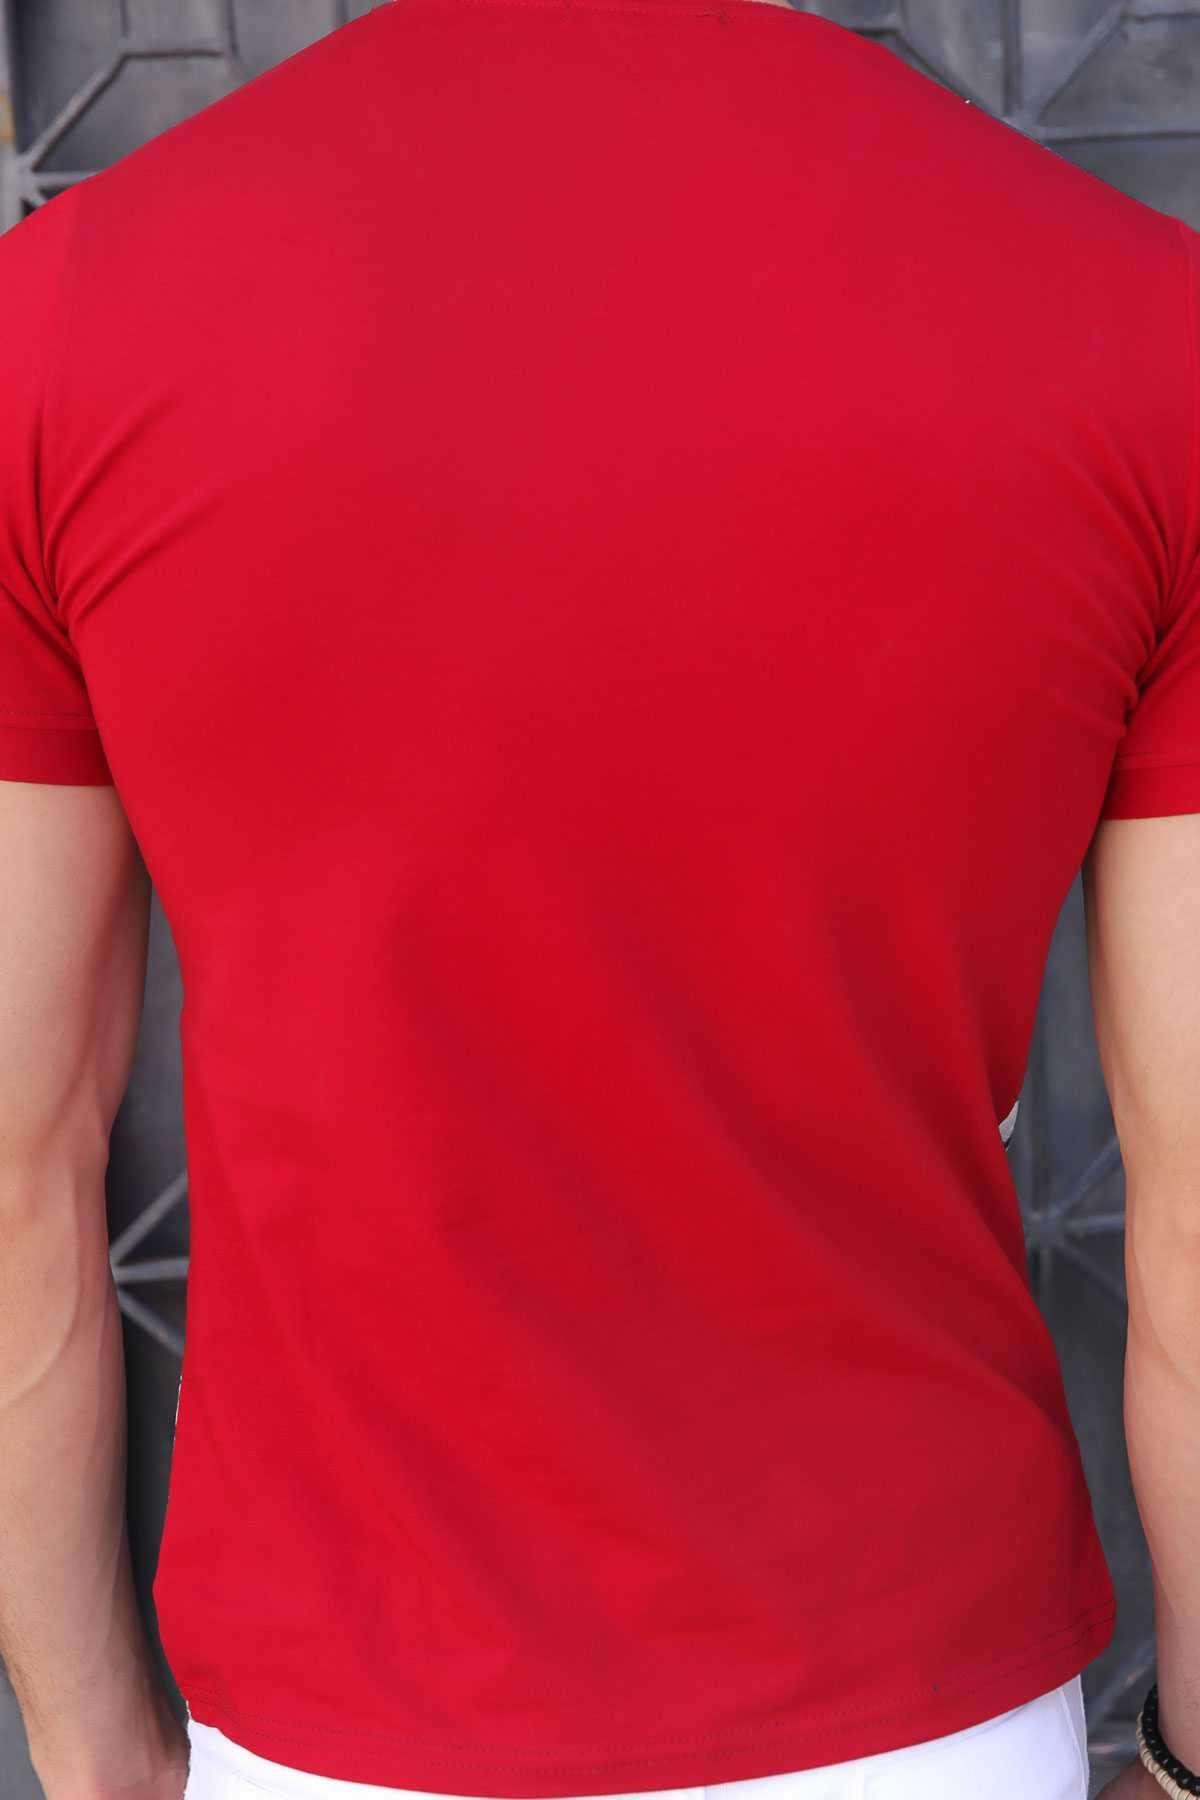 Sarı Araba Baskı V Yaka Dijital Tişört Bordo